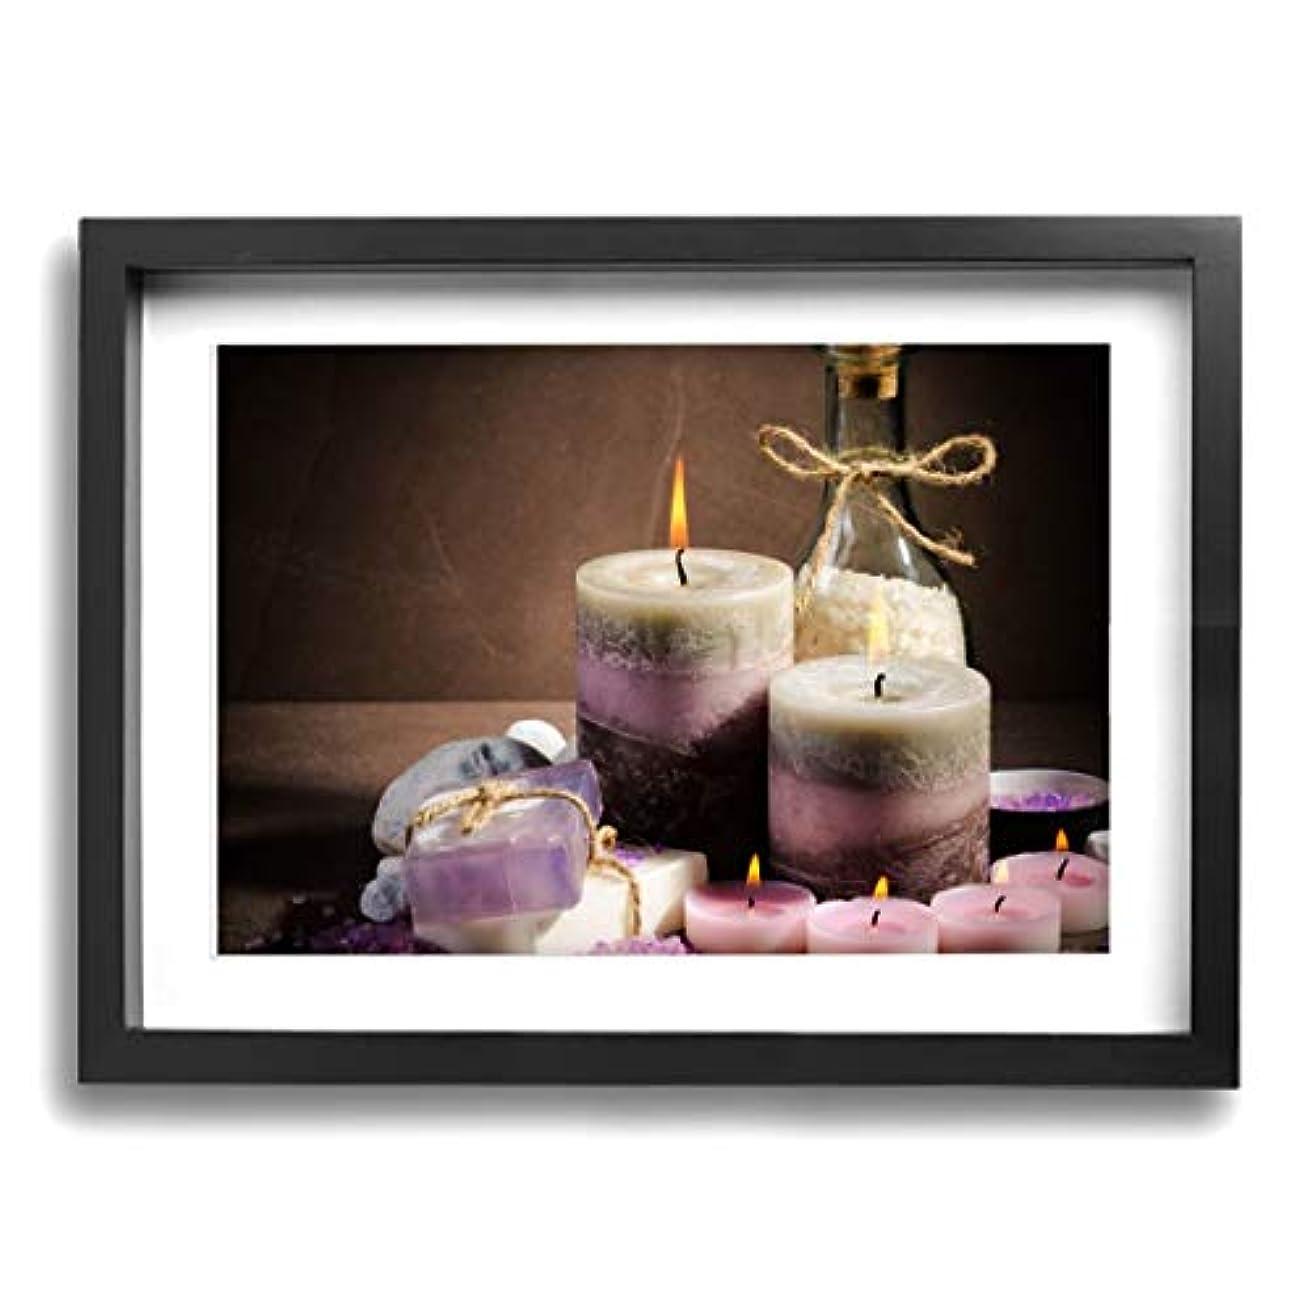 ぐるぐる石化するスクラッチ魅力的な芸術 30x40cm Spa Purple Color Candle Oil キャンバスの壁アート 画像プリント絵画リビングルームの壁の装飾と家の装飾のための現代アートワークハングする準備ができて